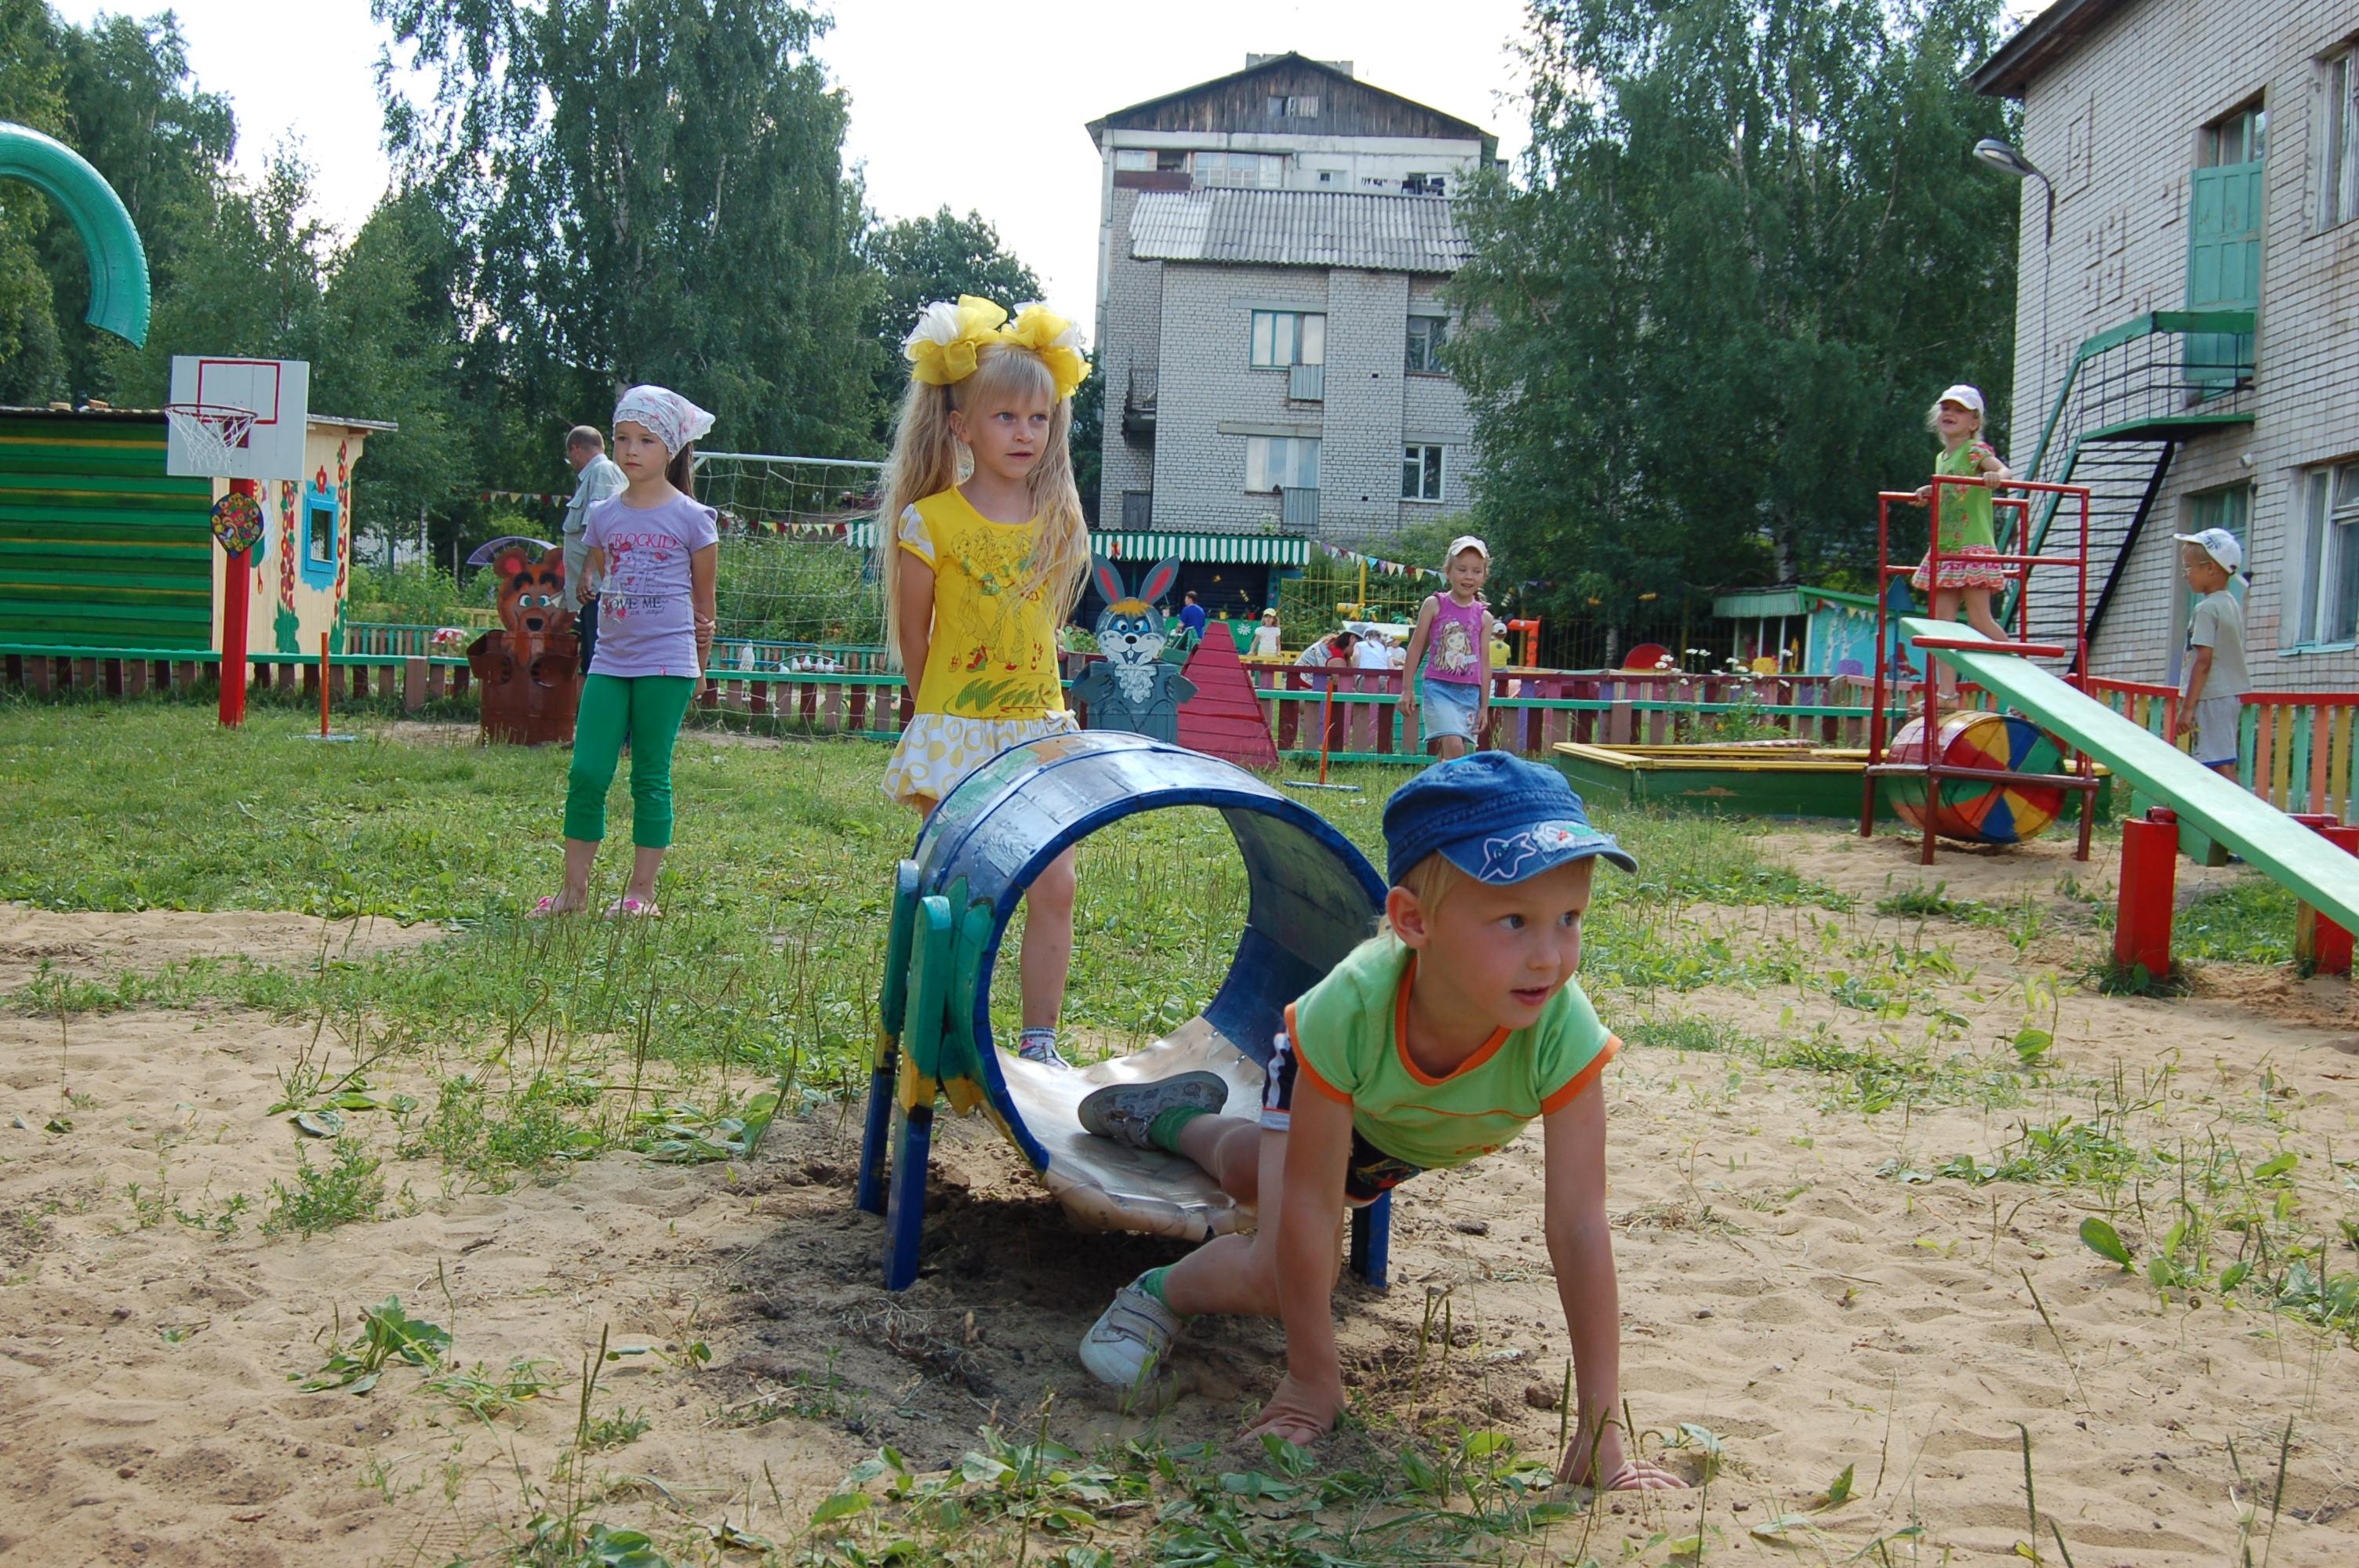 Тематические площадки в детском саду своими руками 54